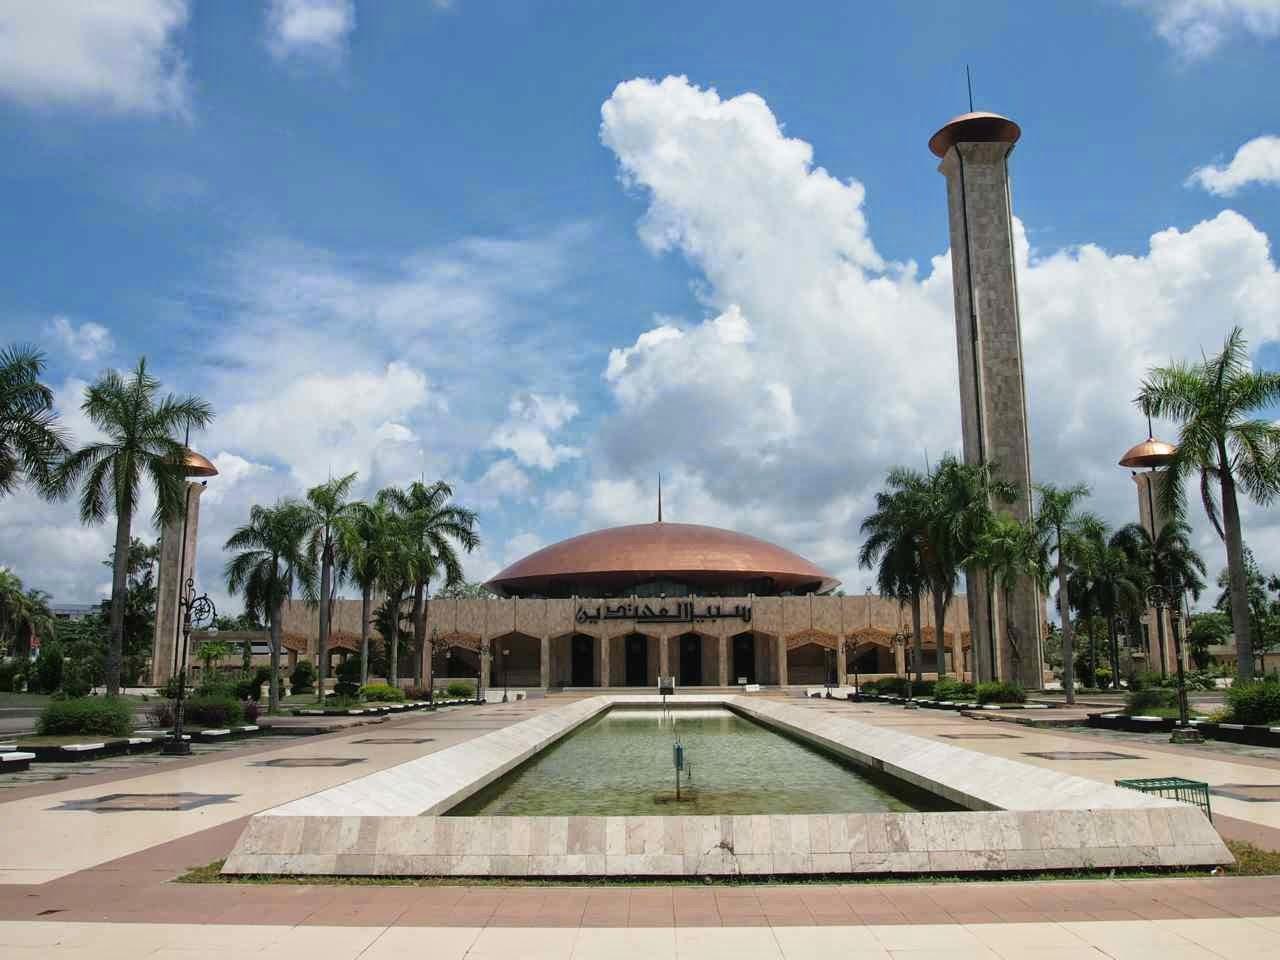 Hot Thread Kaskus Terbaru Tempat Wajib Agan Kunjungi Kalo Mesjid